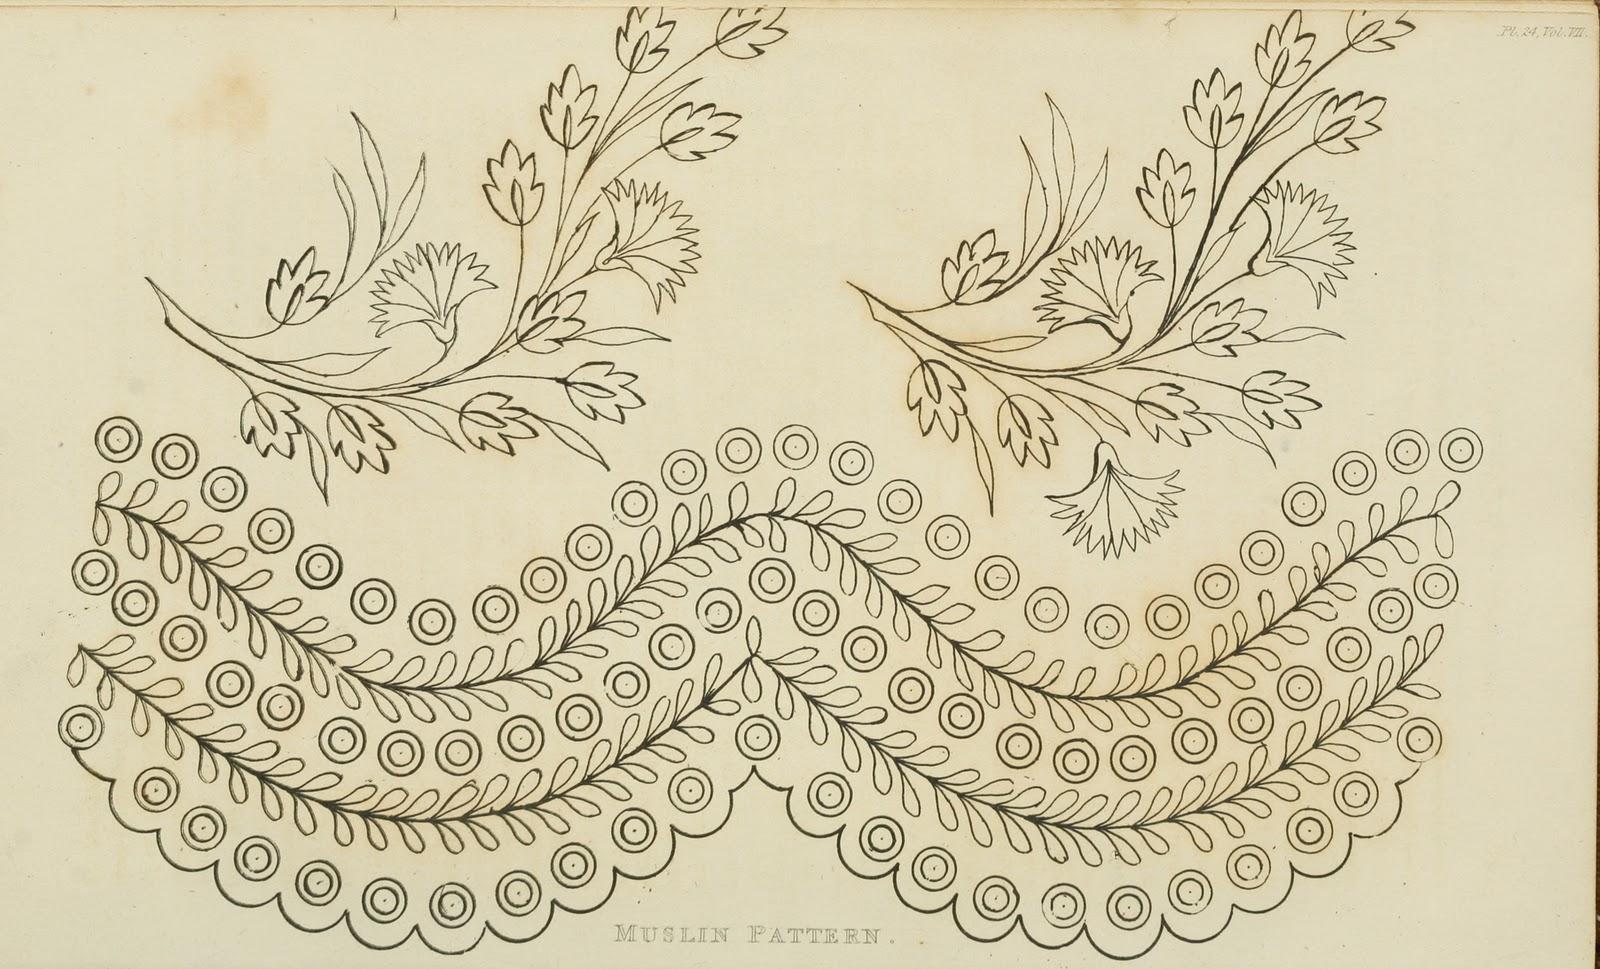 Machine Embroidery Designs Fine Art